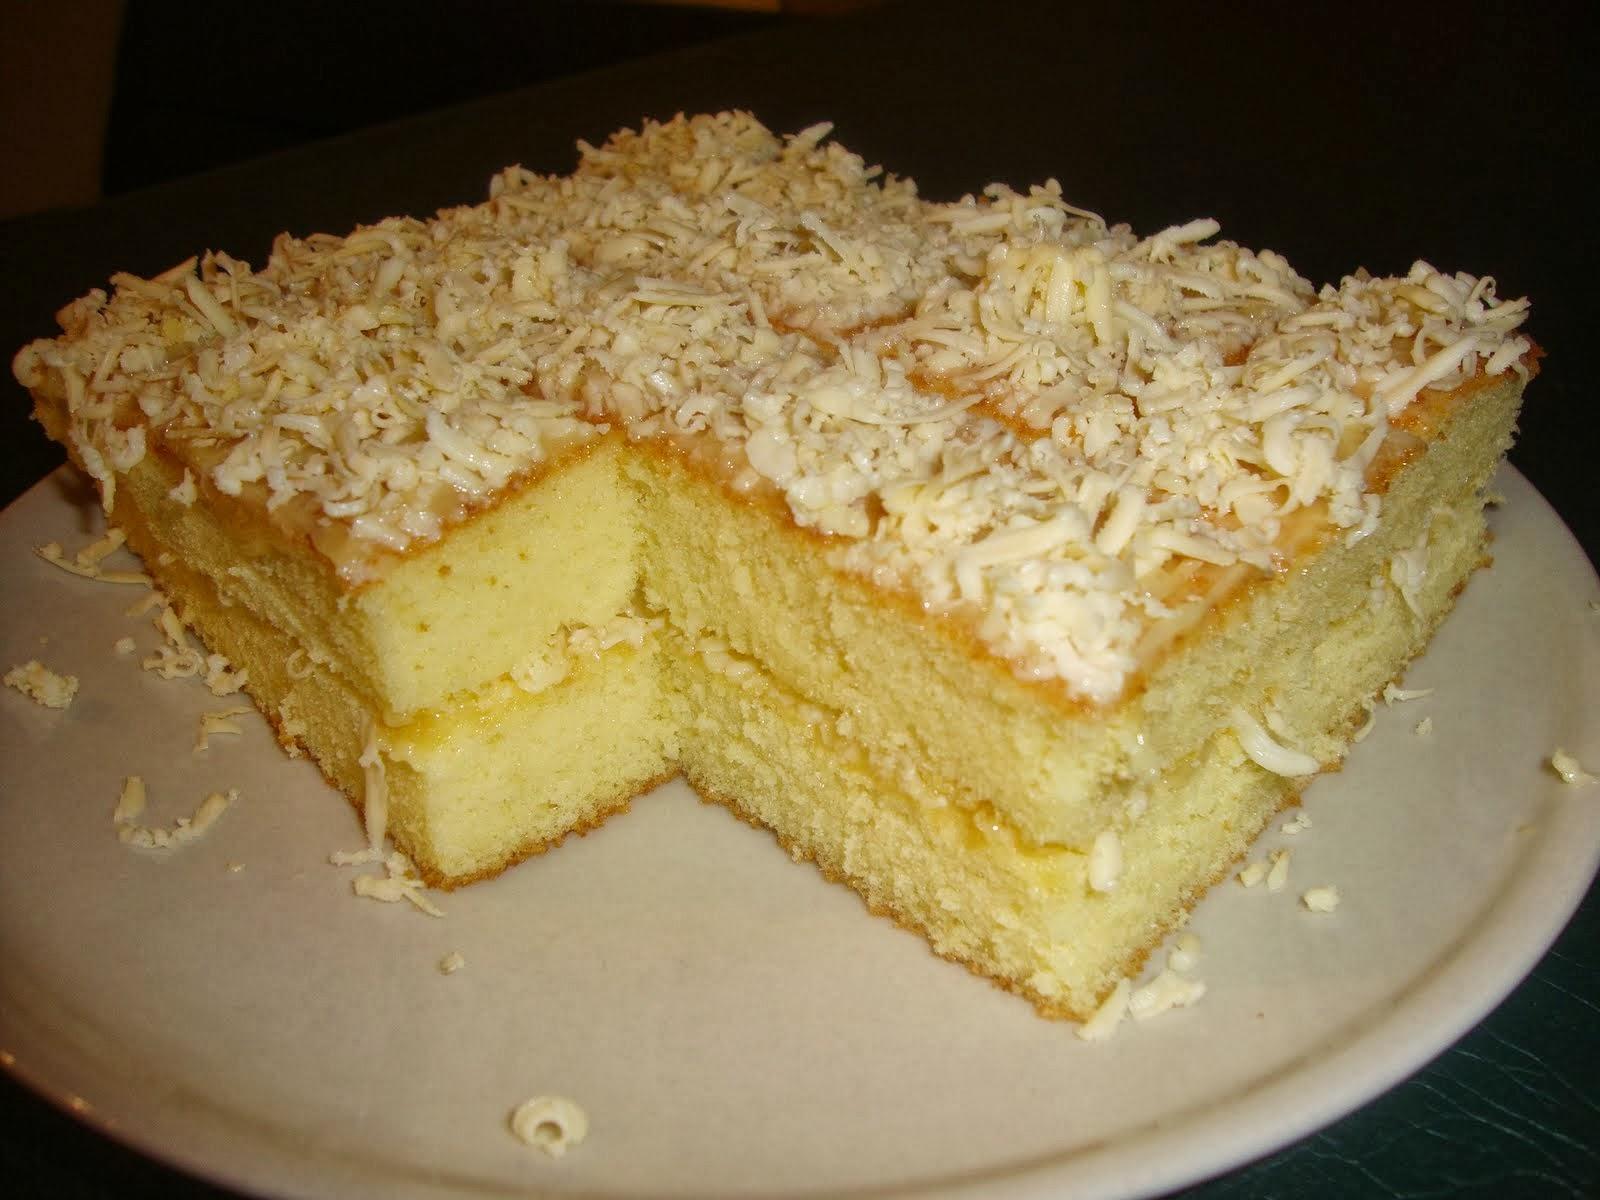 Resep Cake Keju Jepang: DAPUR PAK OBOG: RESEP MEMBUAT CAKE KEJU